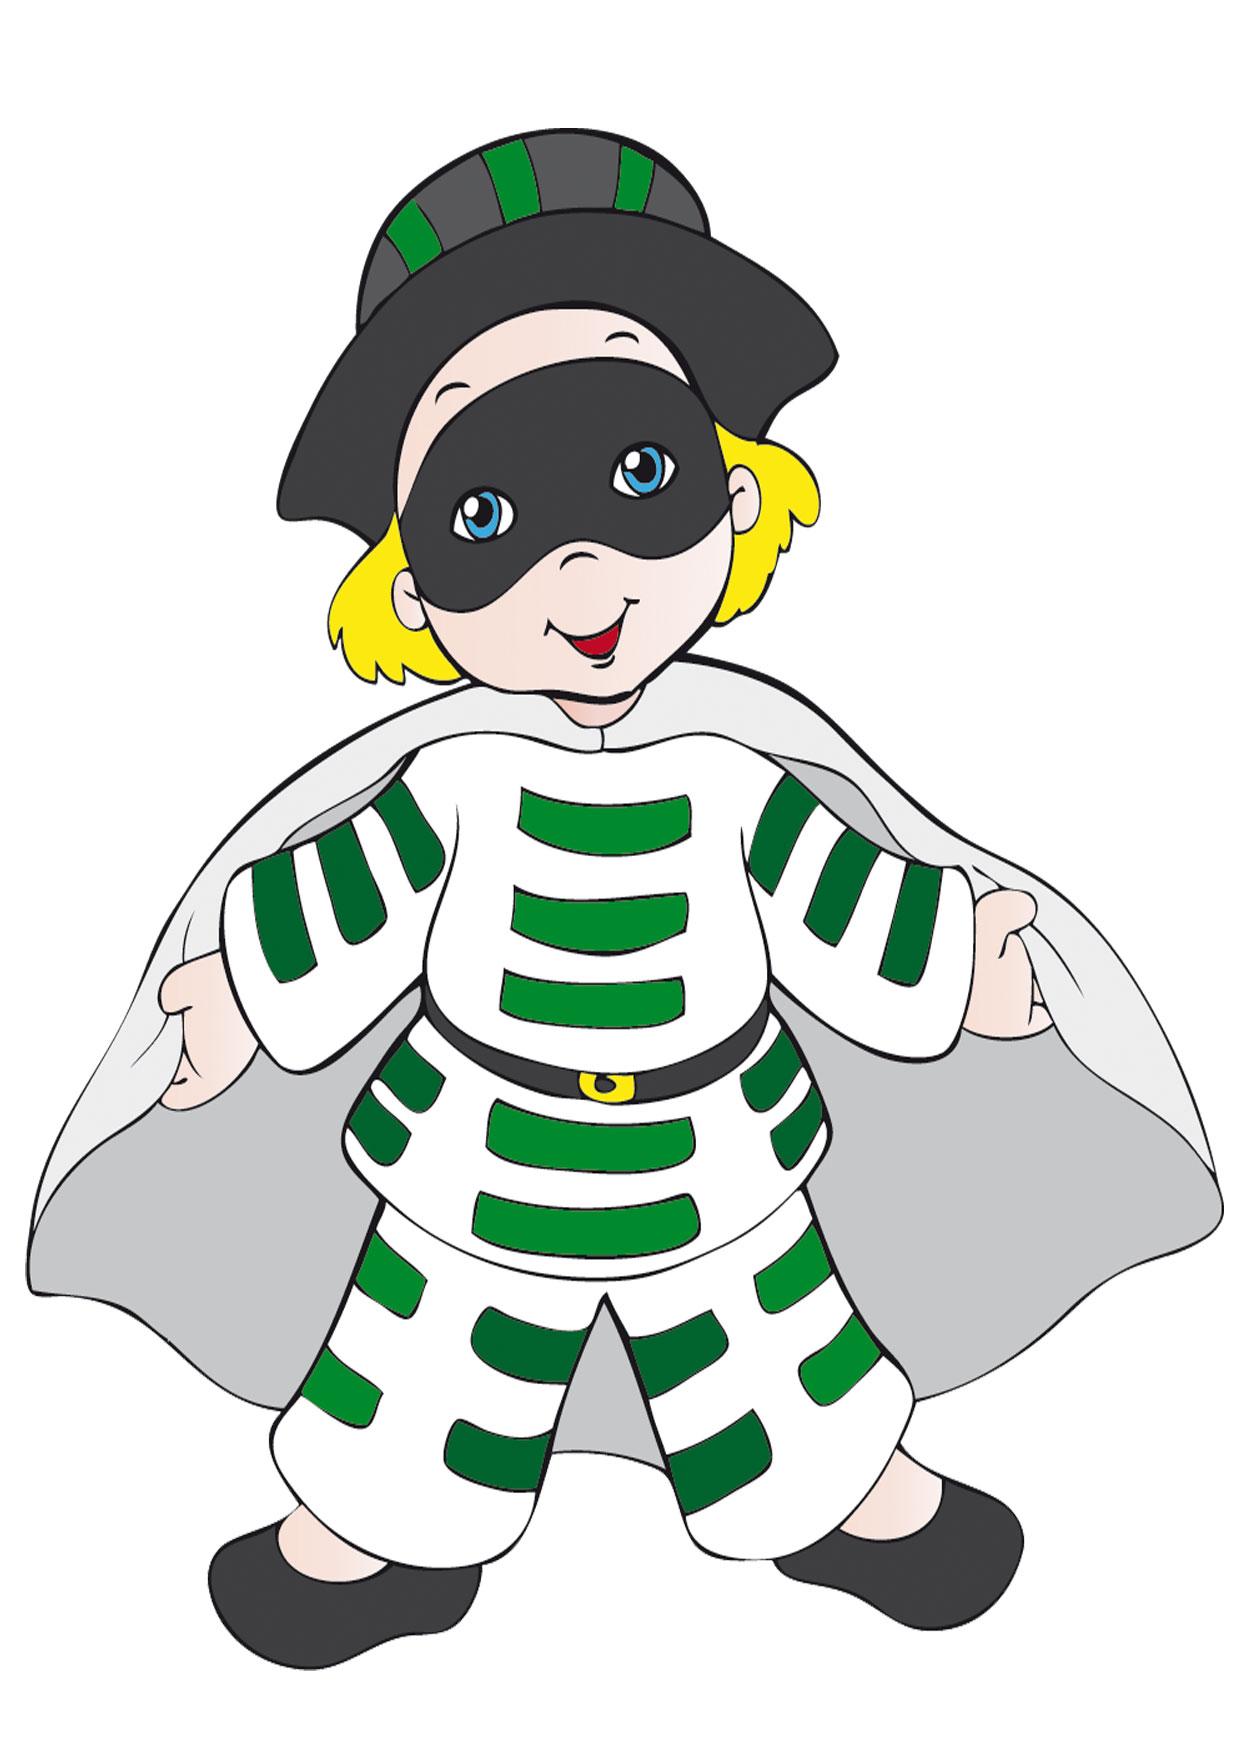 Maschera di Brighella in versione bambino